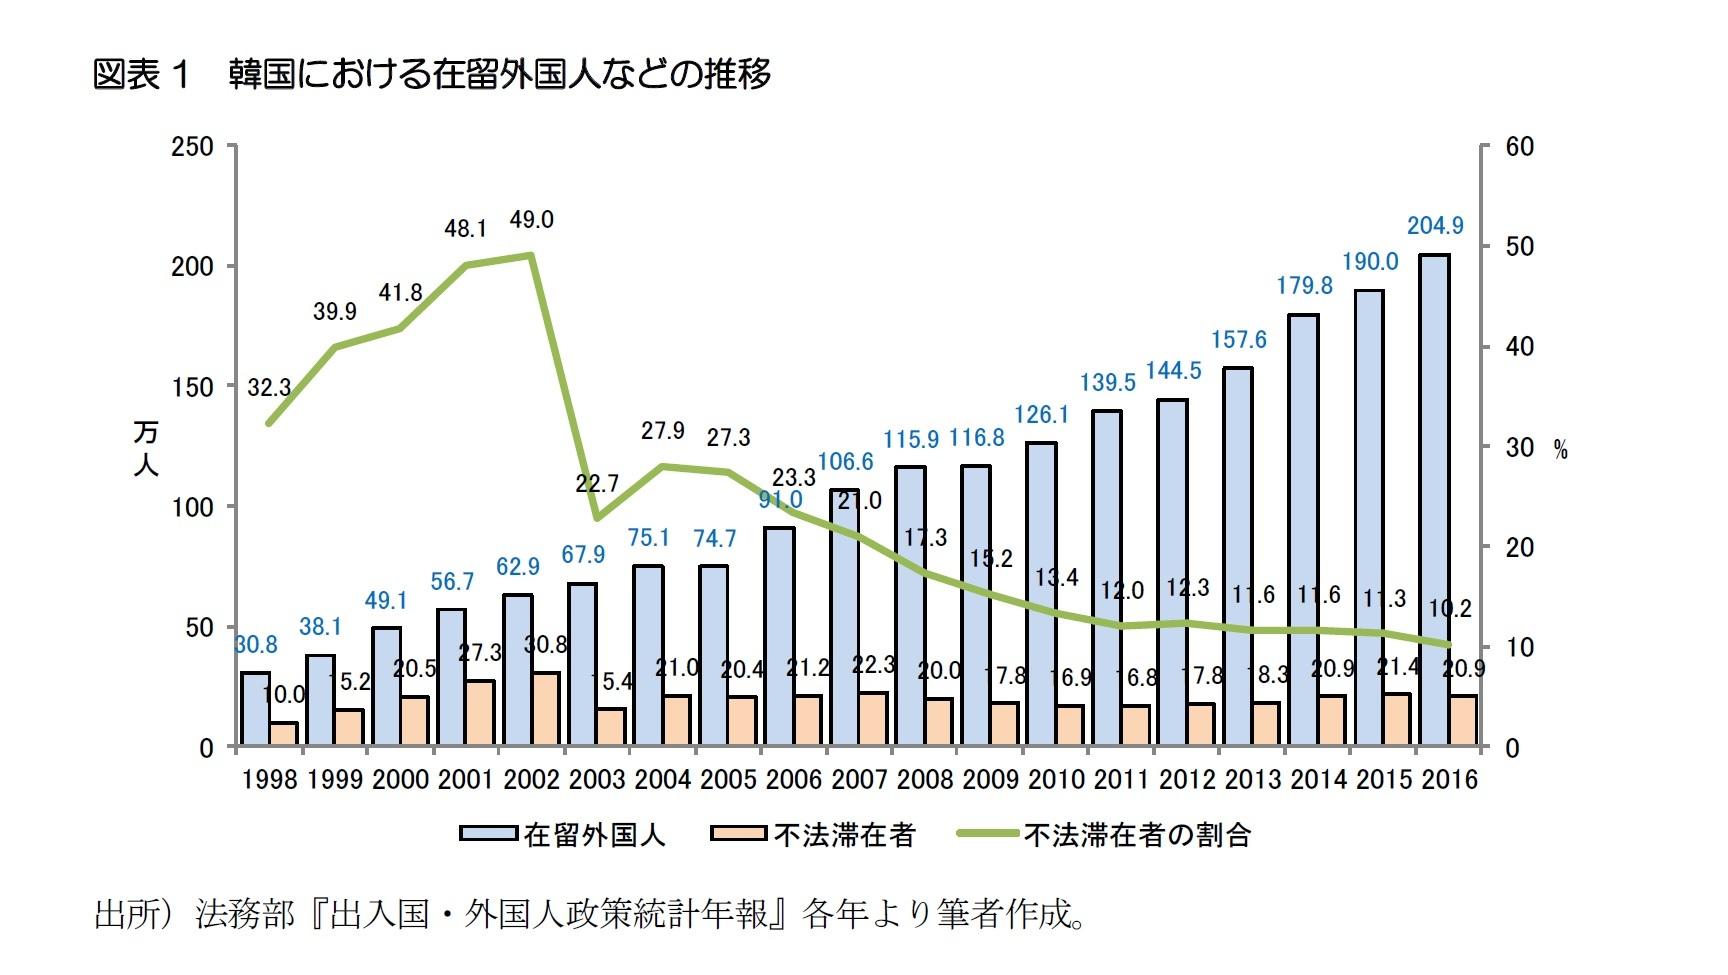 図表1 韓国における在留外国人などの推移